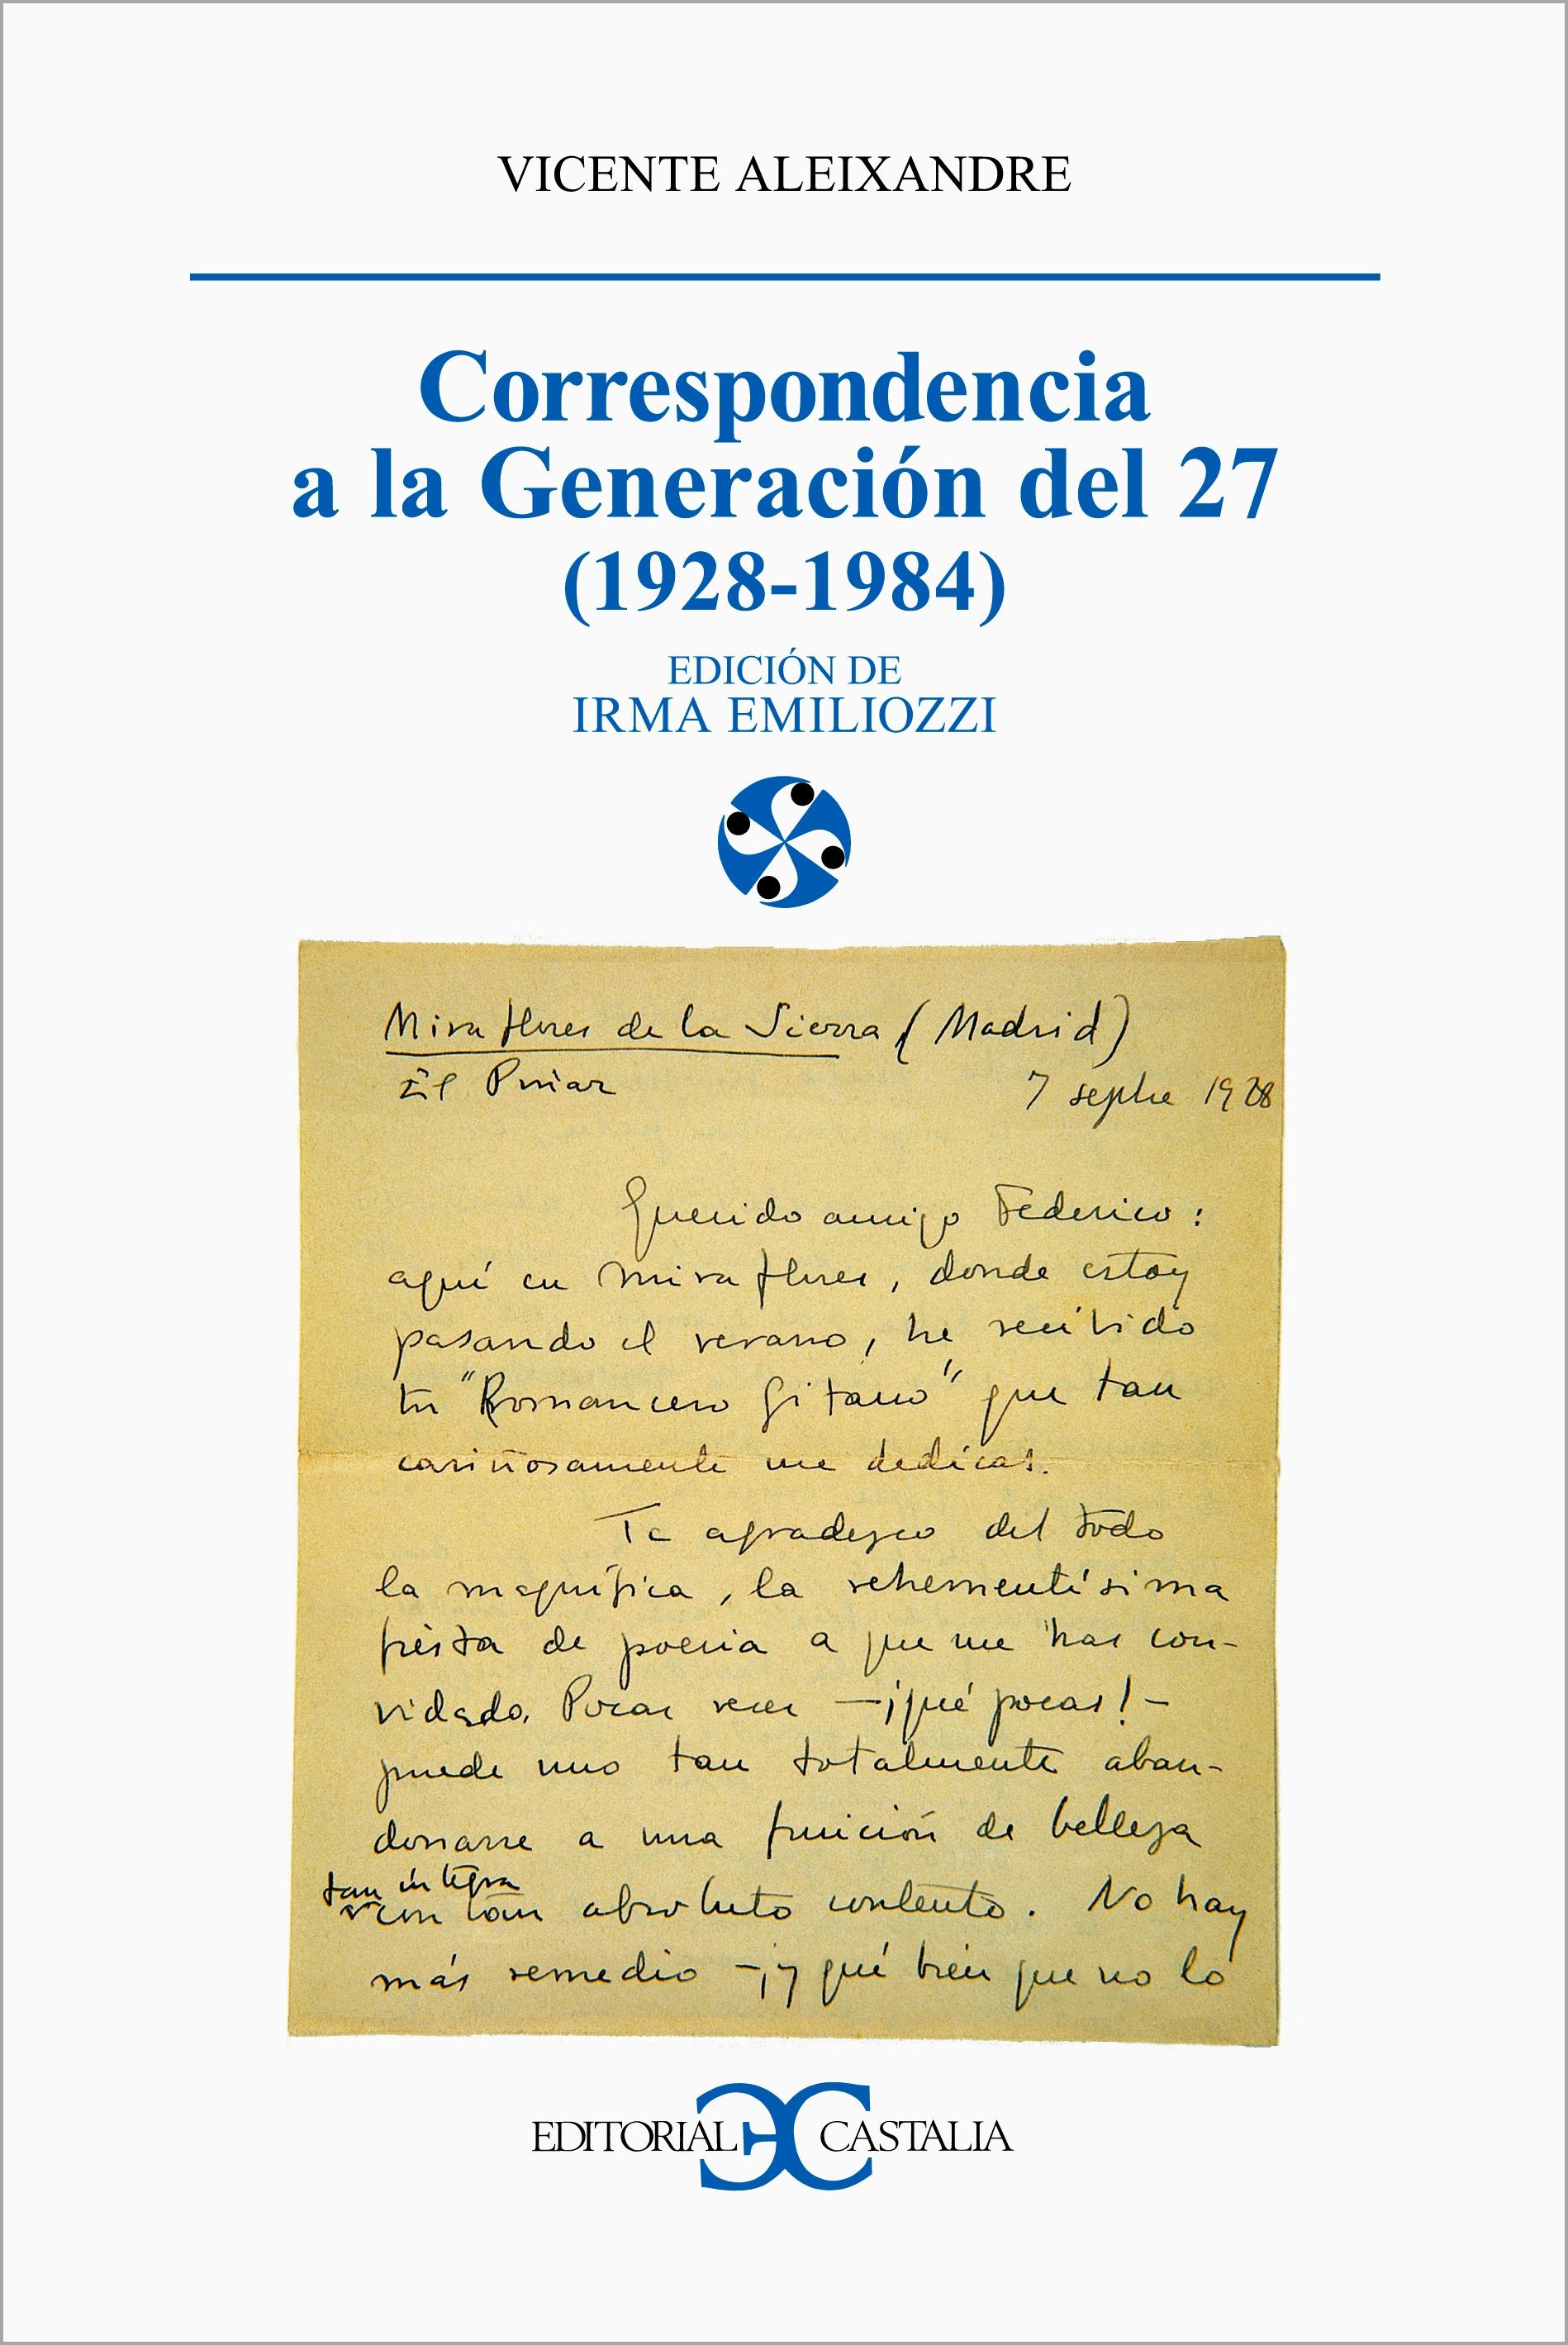 Correspondencia a la Generación del 27 (1928-1984)